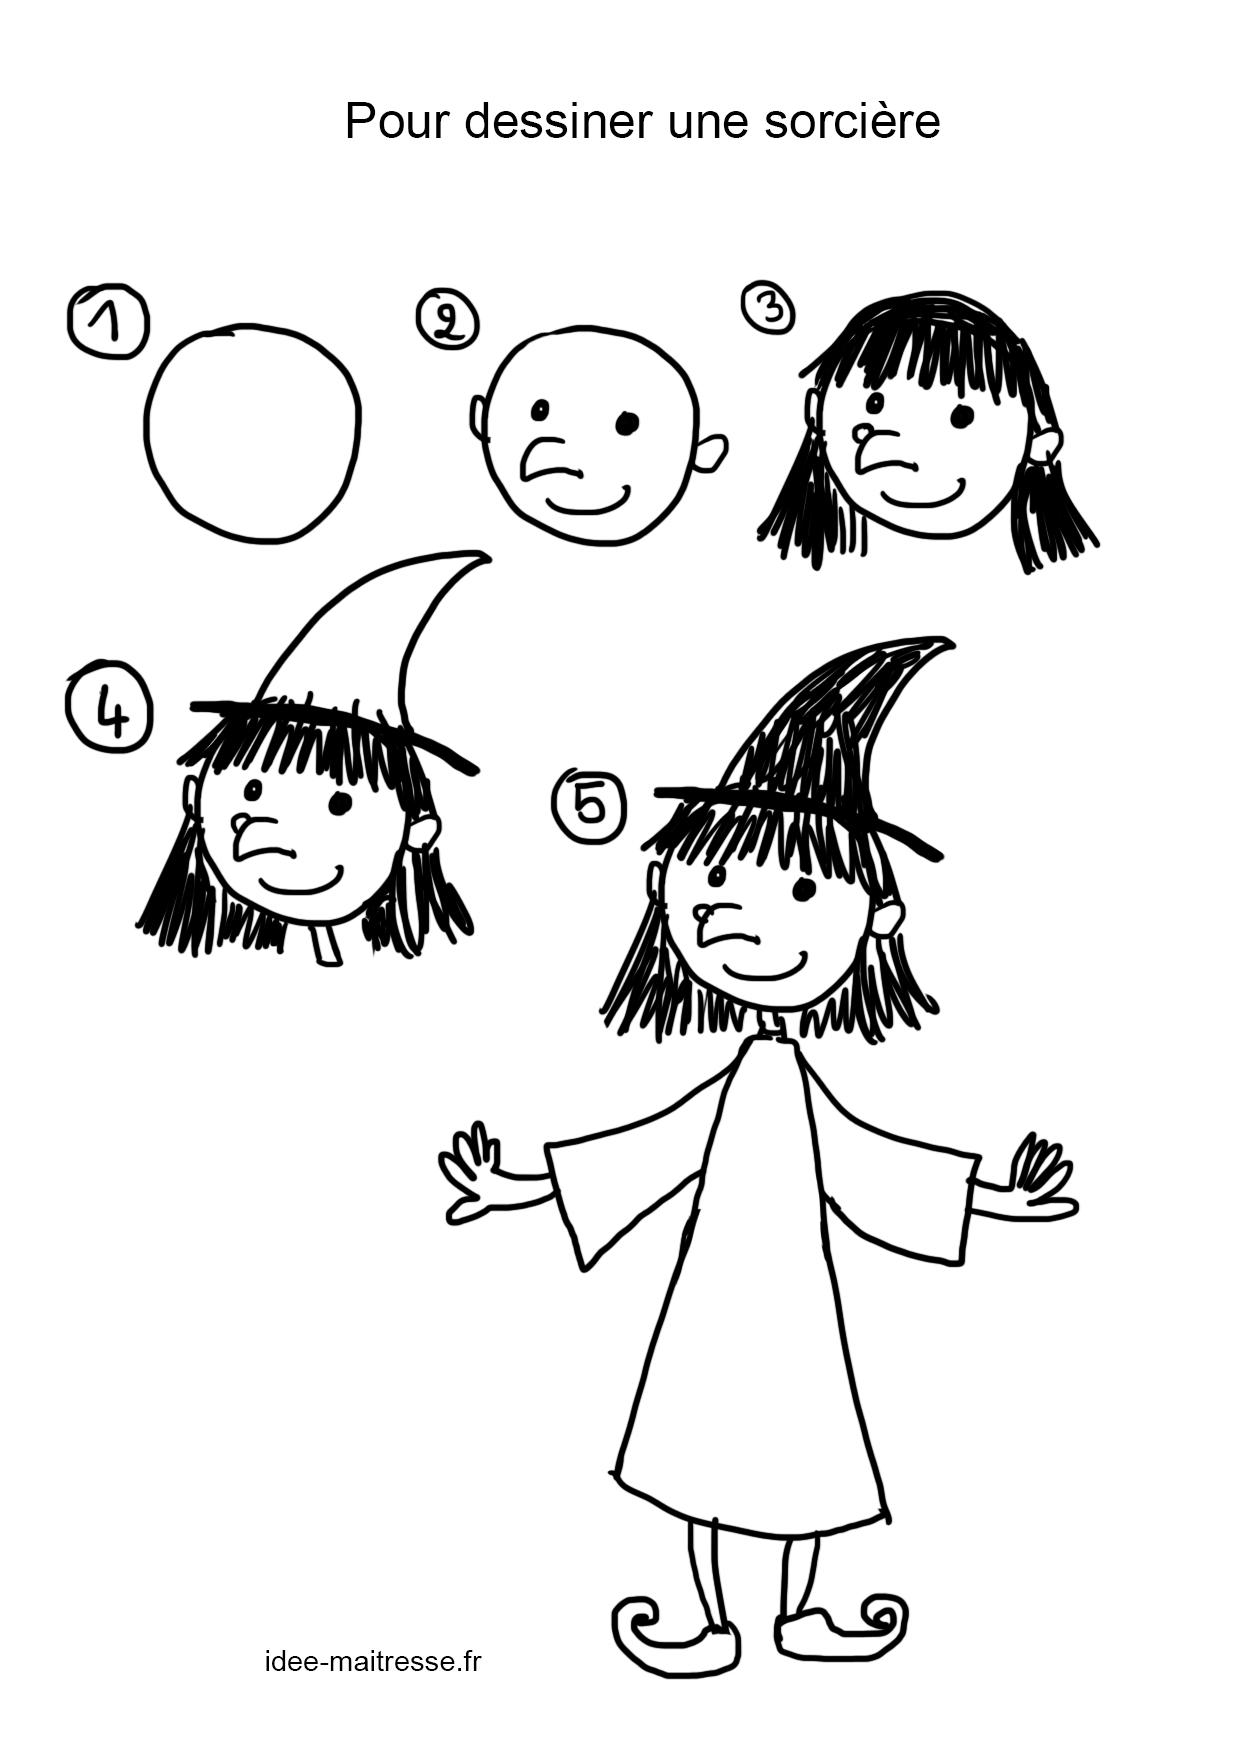 Pour Dessiner Une Sorcière - serapportantà Dessin D Halloween Facile A Dessiner